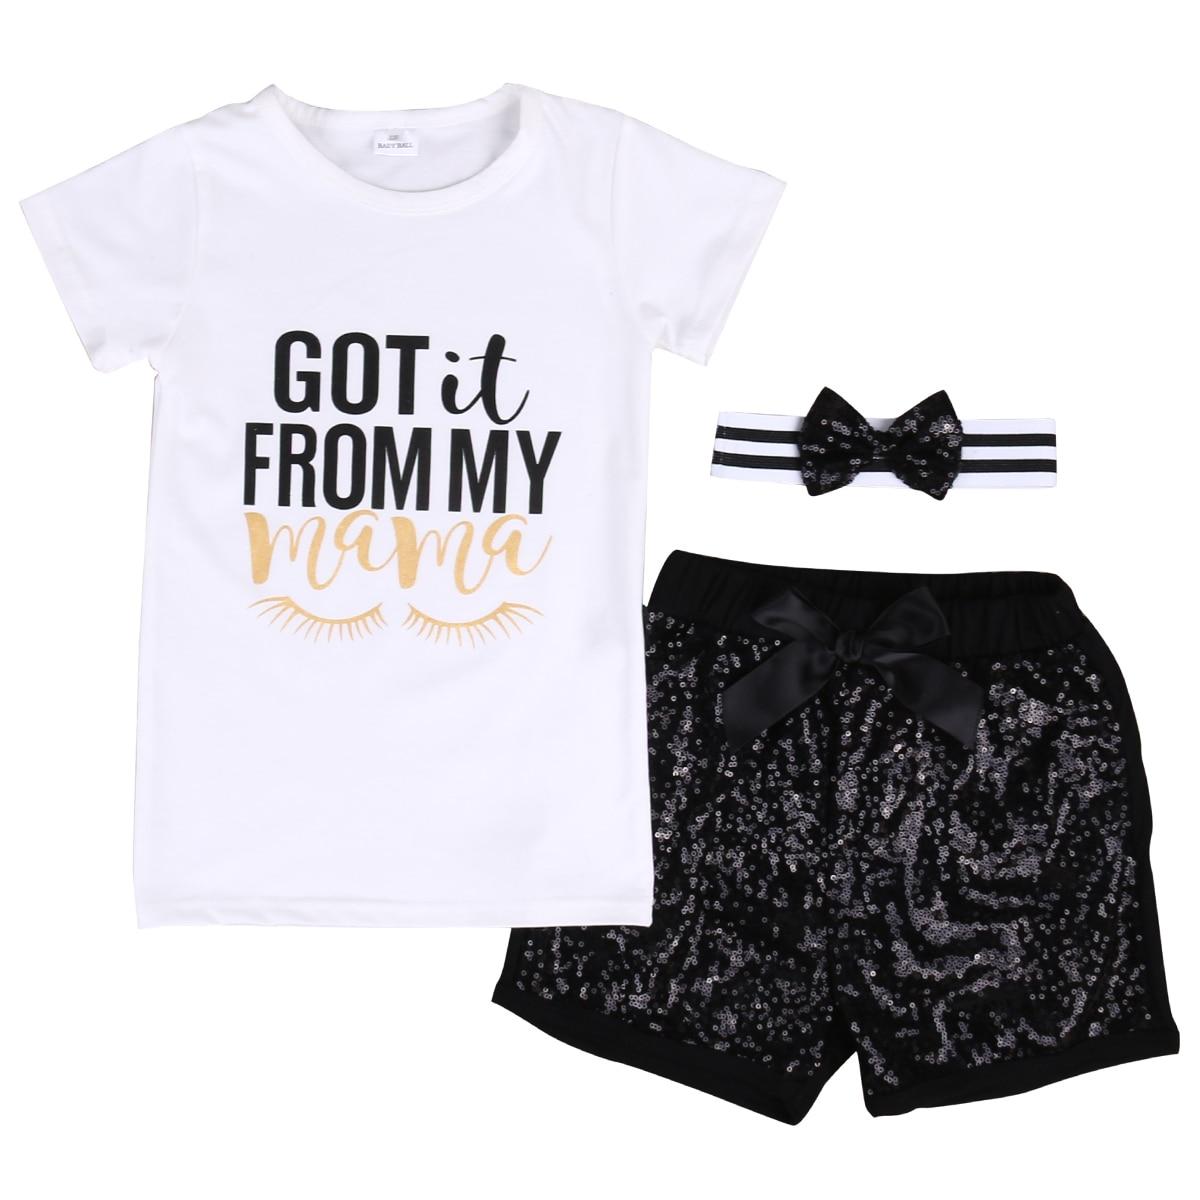 Для новорожденных Обувь для девочек топы для мальчиков футболка + Шорты для женщин Брюки для девочек наряды летние шорты рукав Мама Футболк...